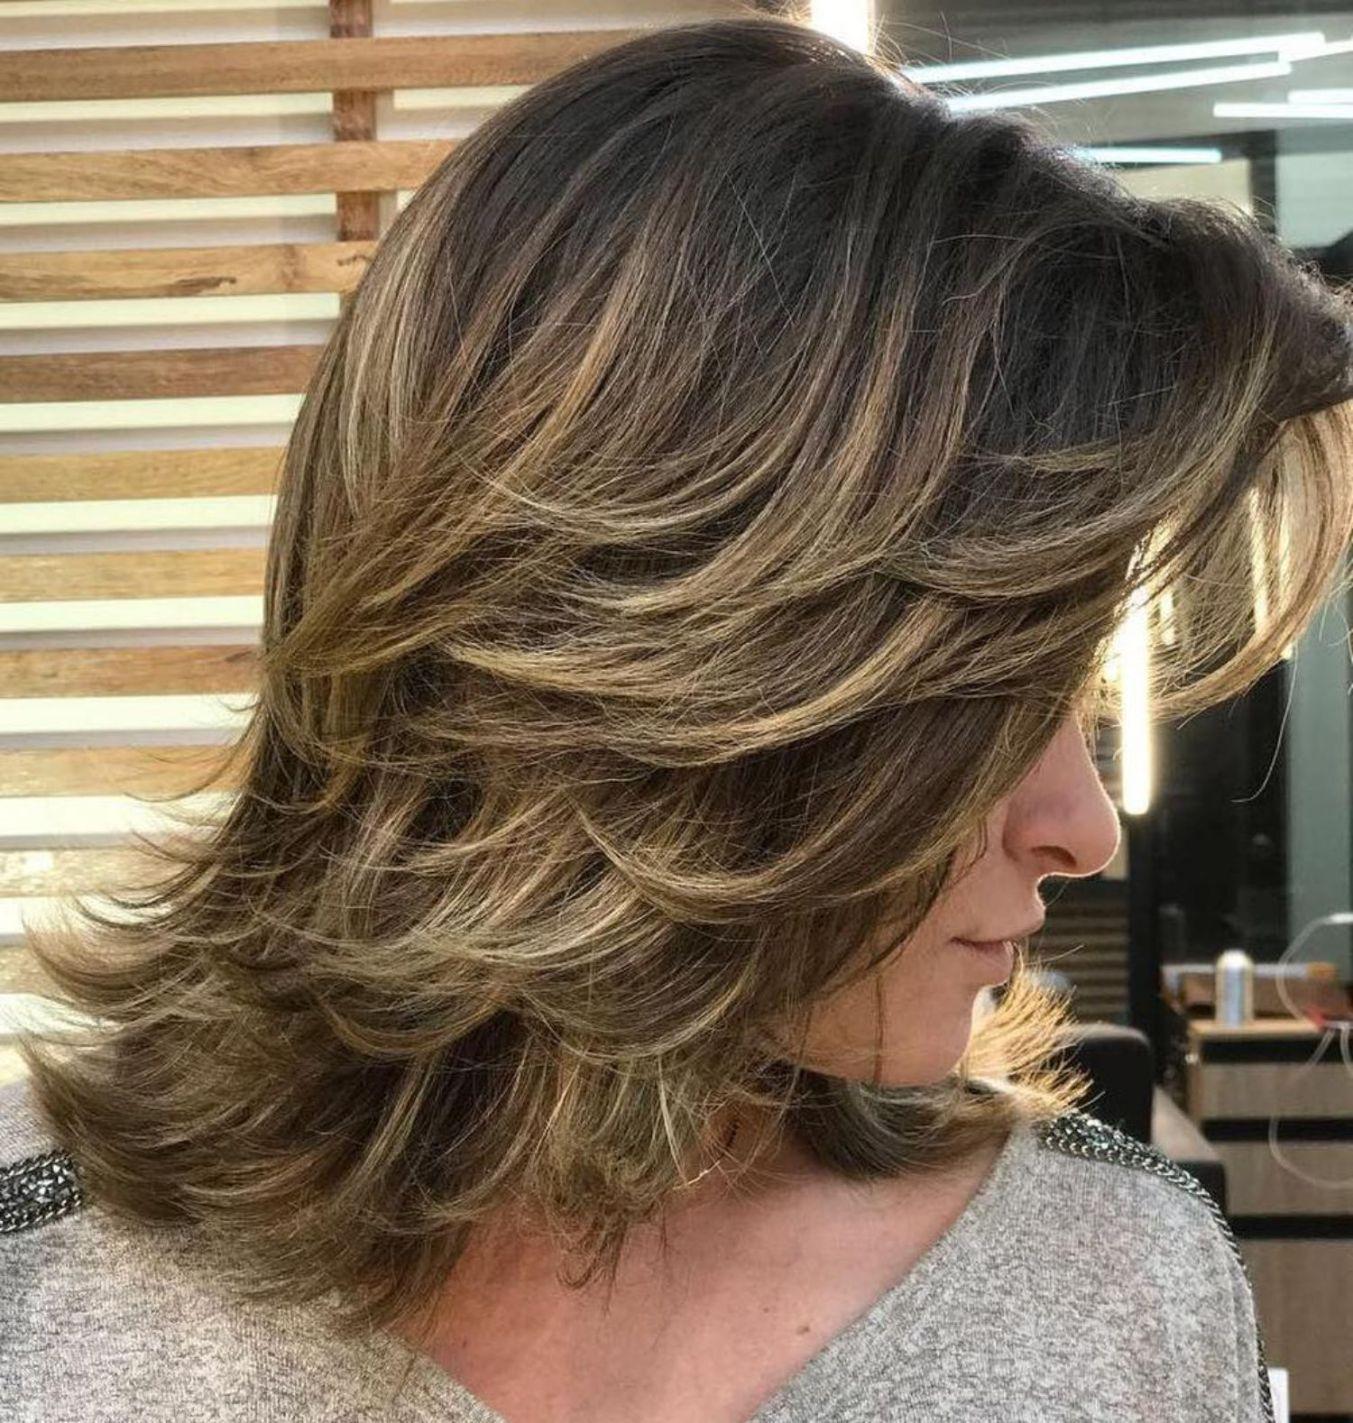 32+ Medium length long layers haircut ideas in 2021